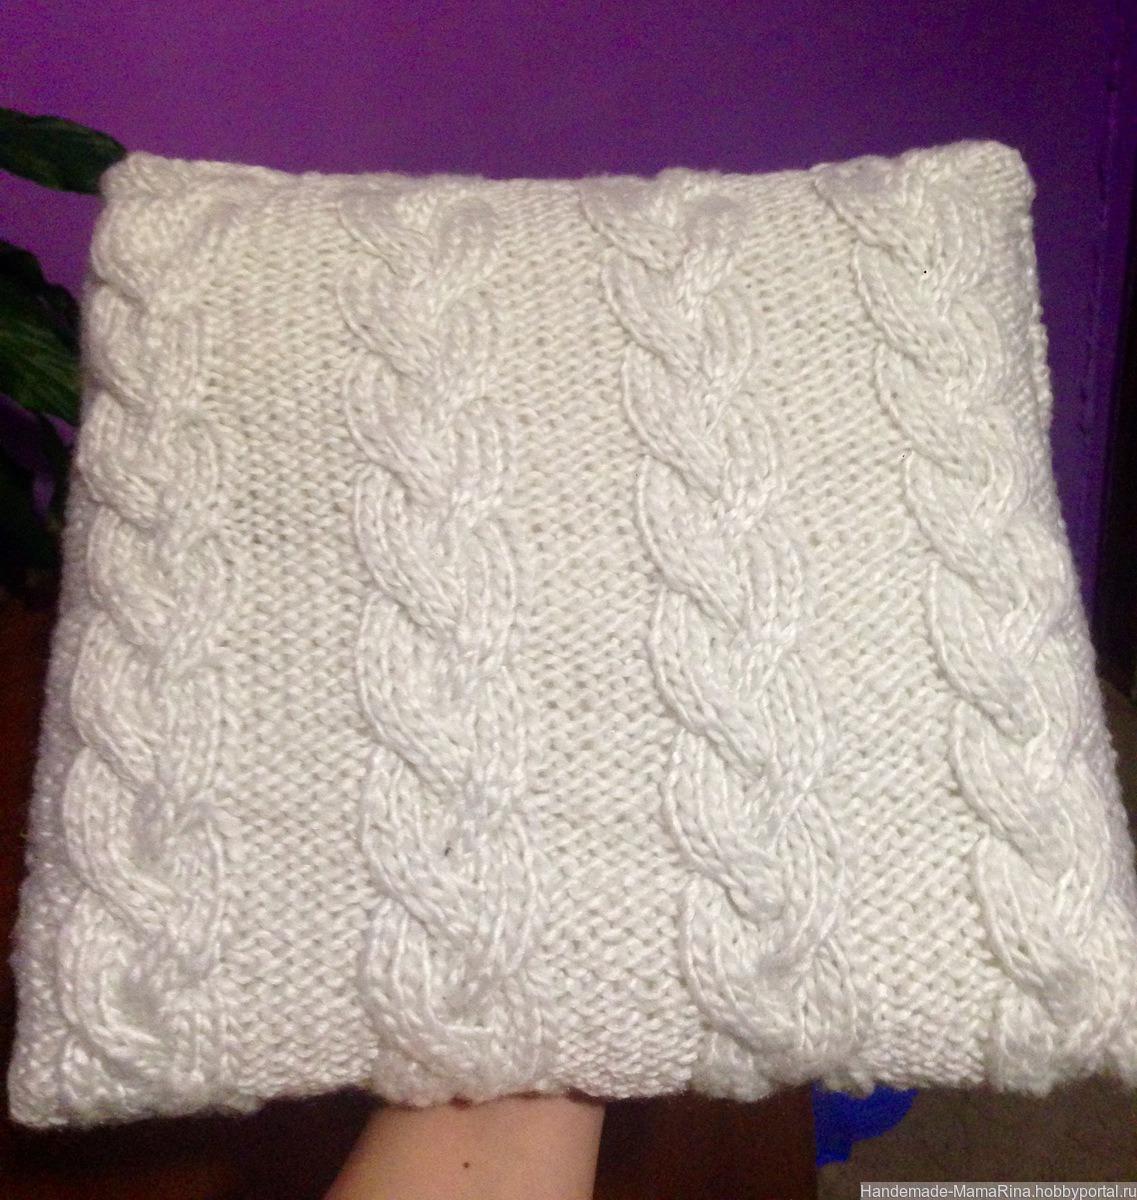 Вязаная подушка – купить в интернет-магазине HobbyPortal ...